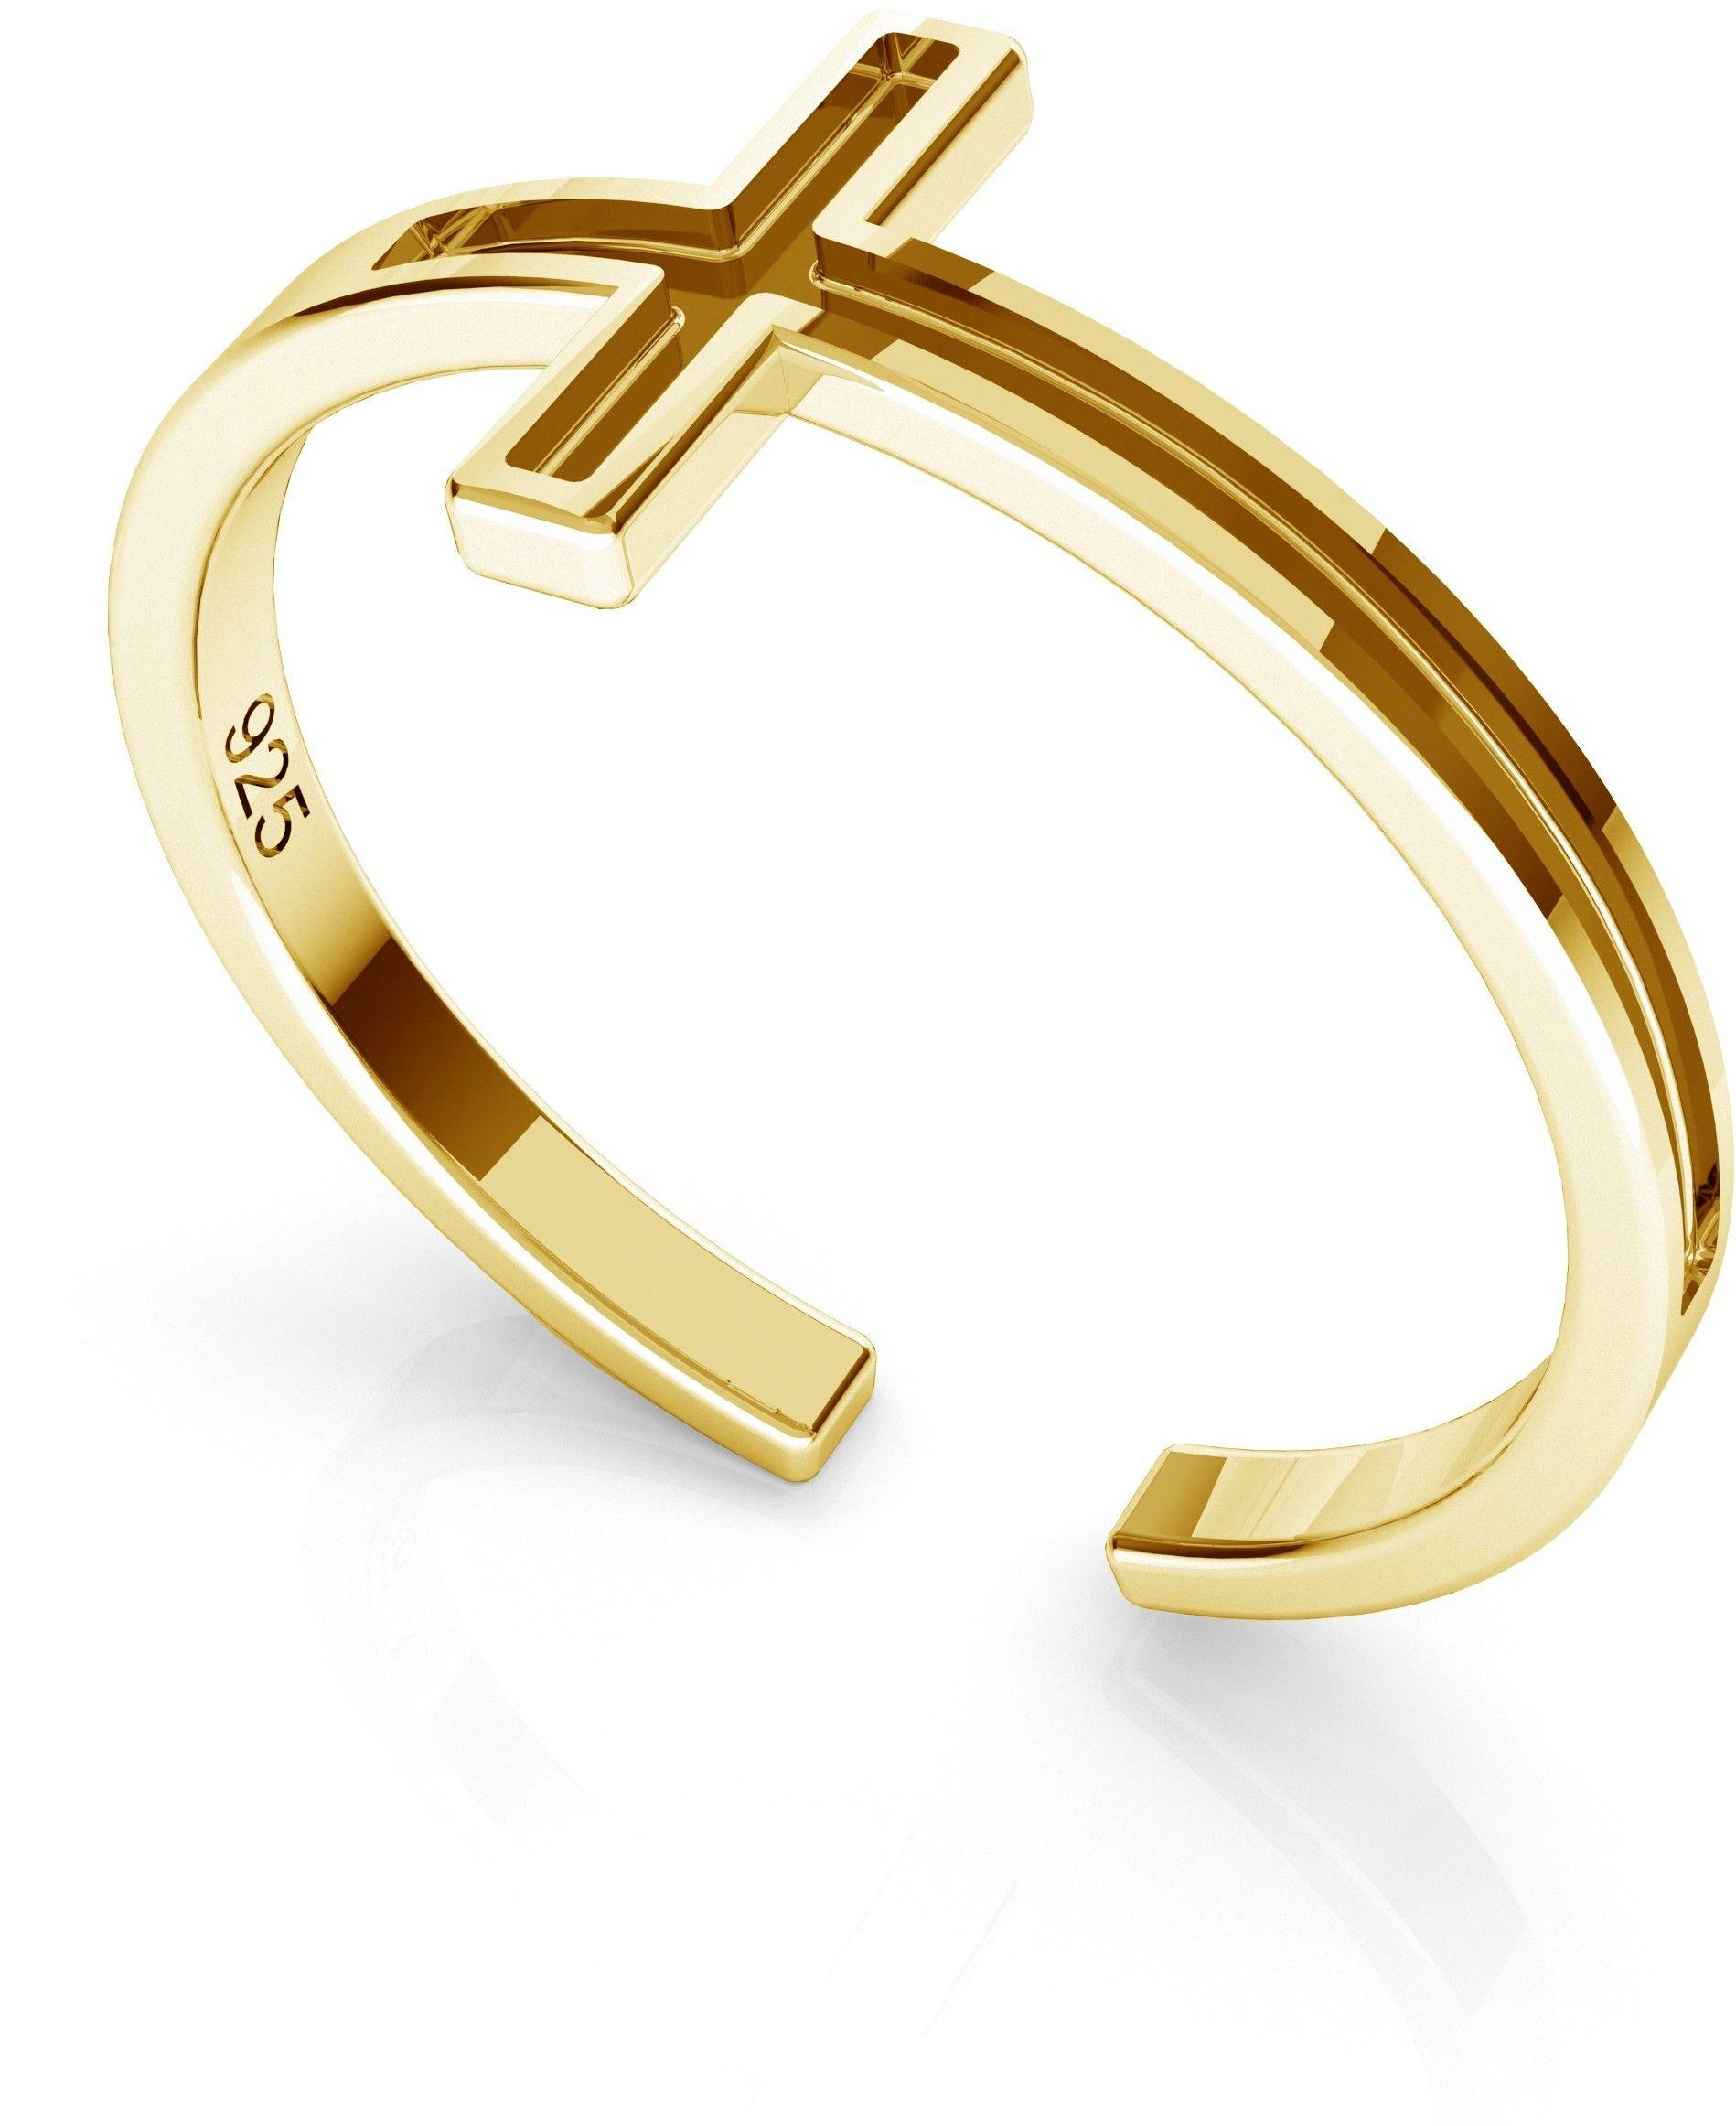 Srebrny pierścionek z krzyżykiem, srebro 925 : Srebro - kolor pokrycia - Pokrycie żółtym 18K złotem